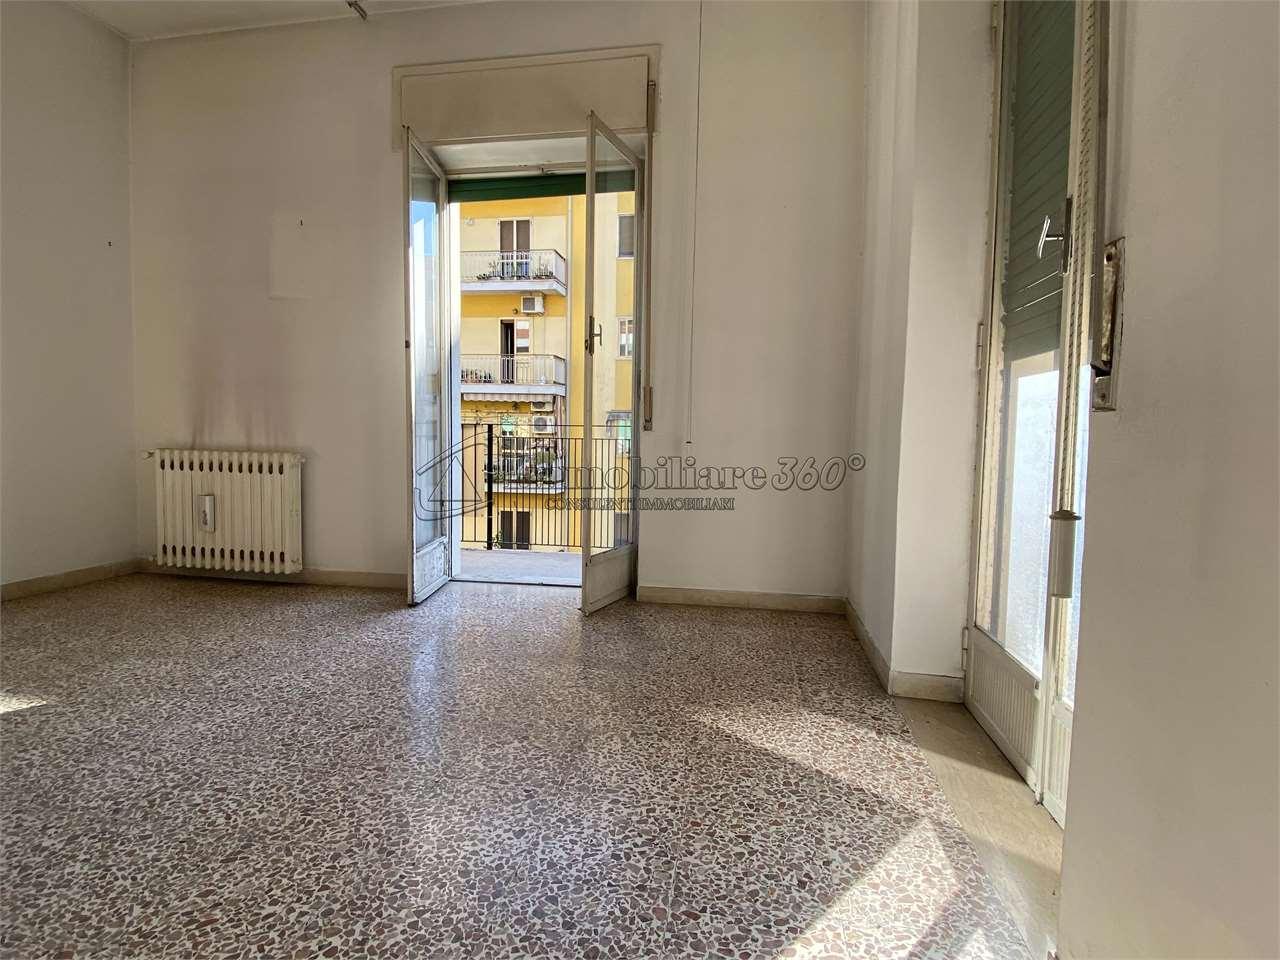 Appartamento Cosenza 480